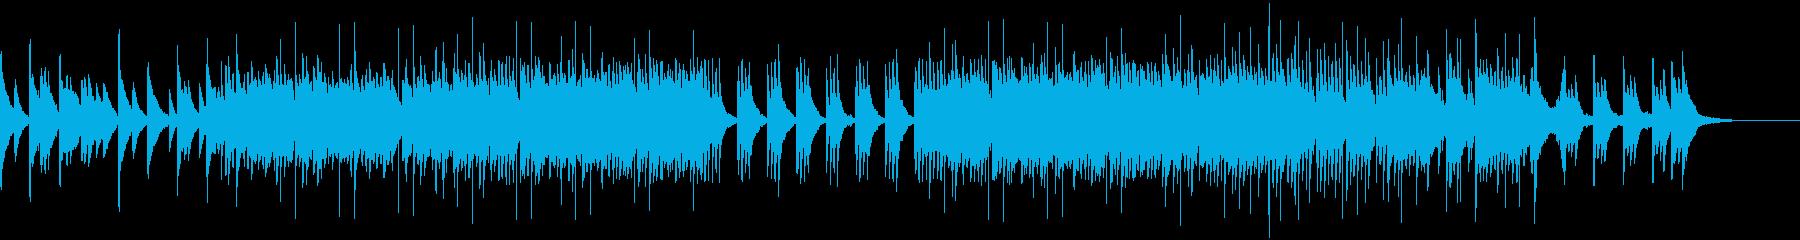 穏やかで少し切ないピアノとストリングス曲の再生済みの波形